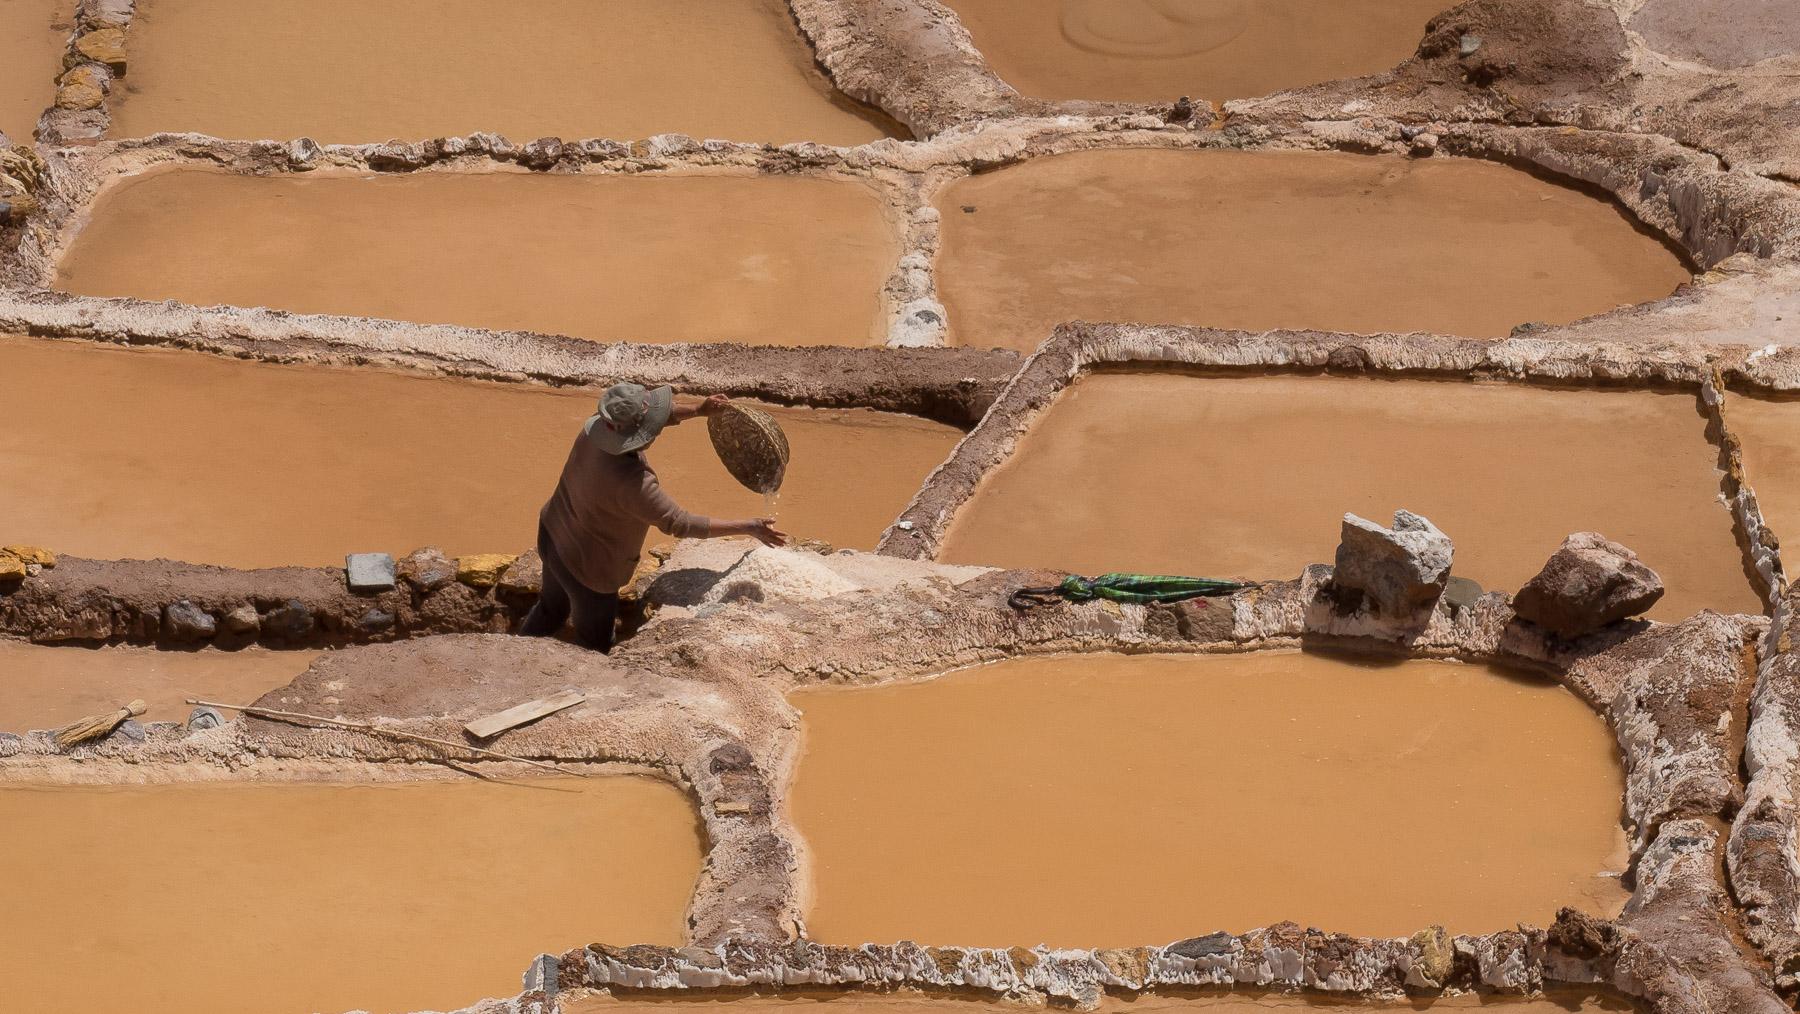 Die Becken werden immer noch zur Salzgewinnung genutzt